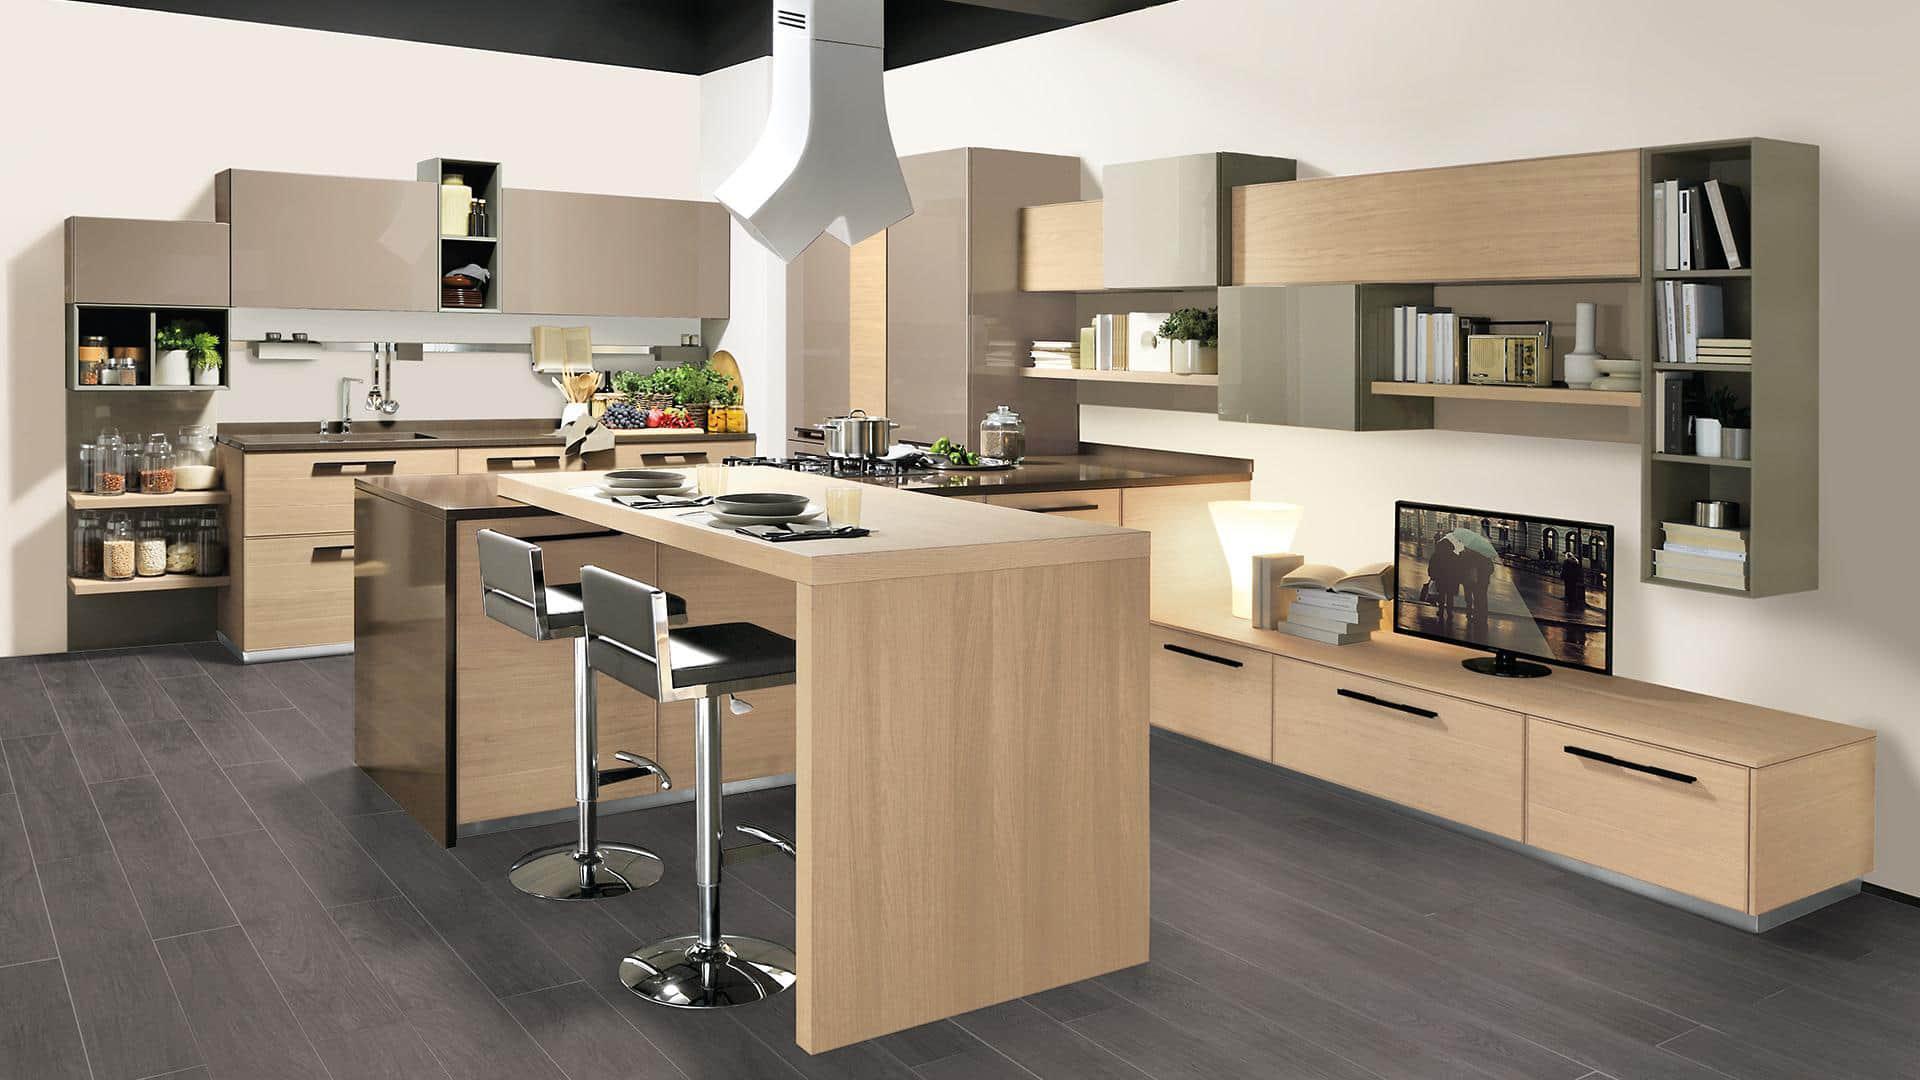 Cucine moderne con penisola padova for Cucine living prezzi